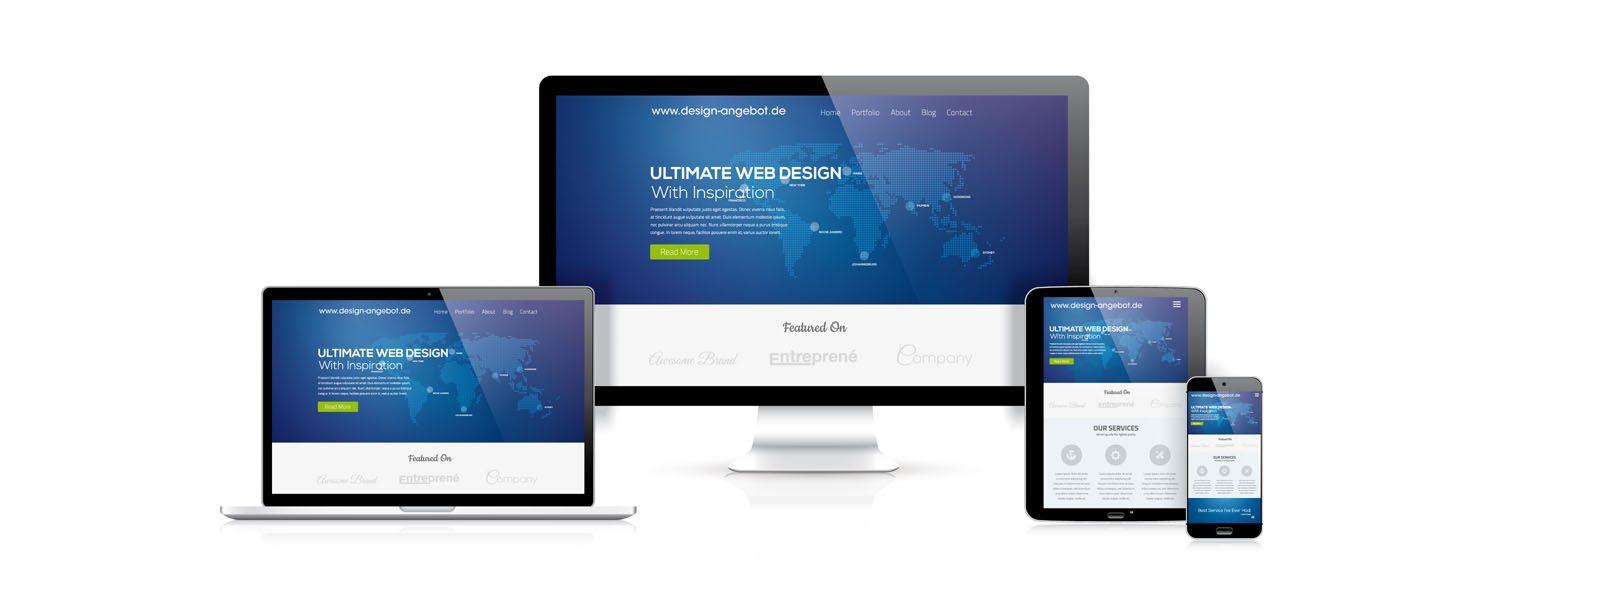 www.design-angebot.de